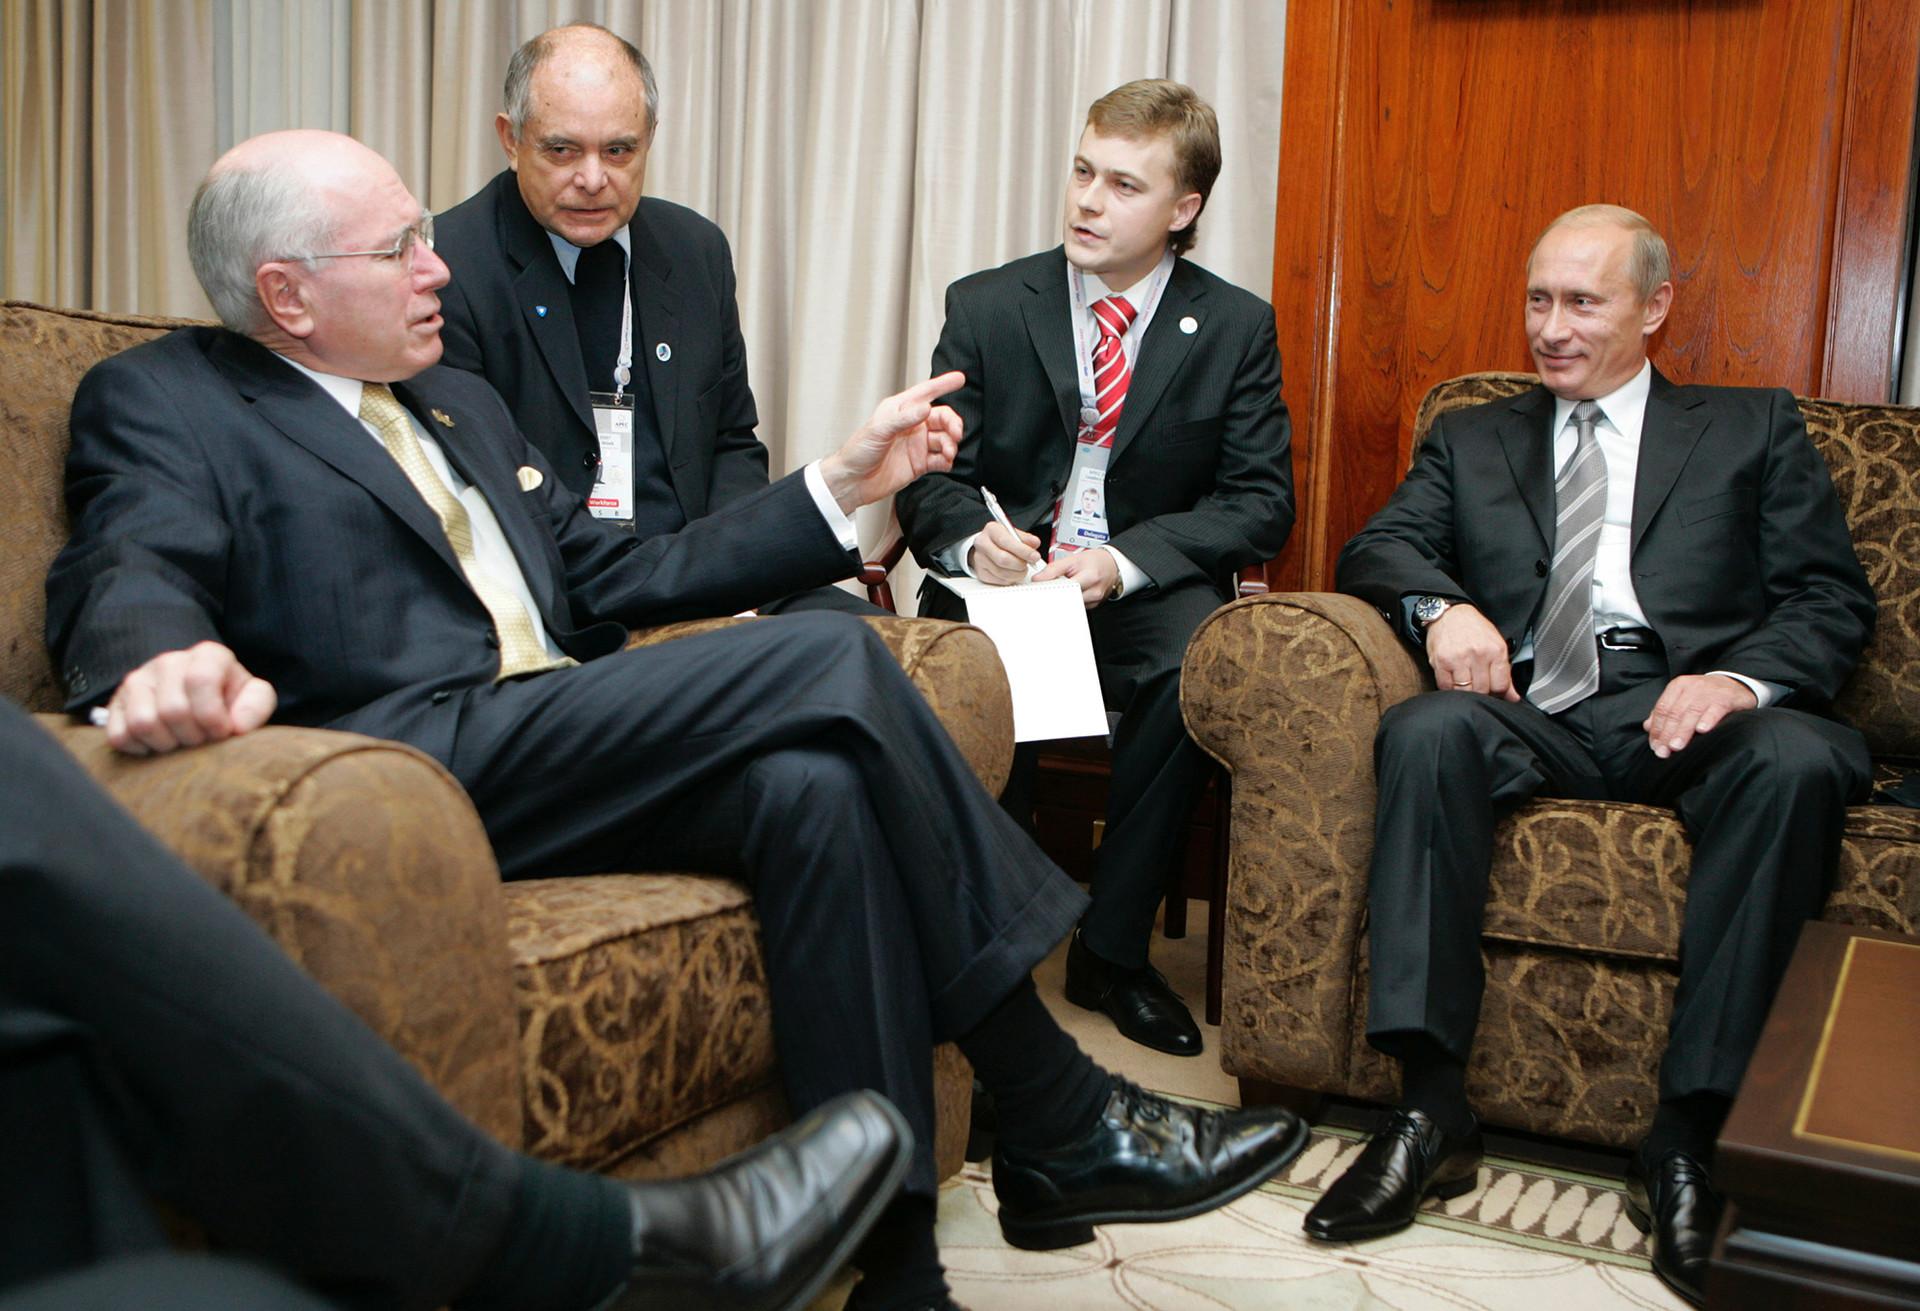 7. rujna 2007. Premijer Australije JJohn Winston Howard (slijeva) i predsjednik Rusije Vladimir Putin (zdesna) razgovaraju u uredu Nacionalnog federalnog parlamenta u Sydneyu.